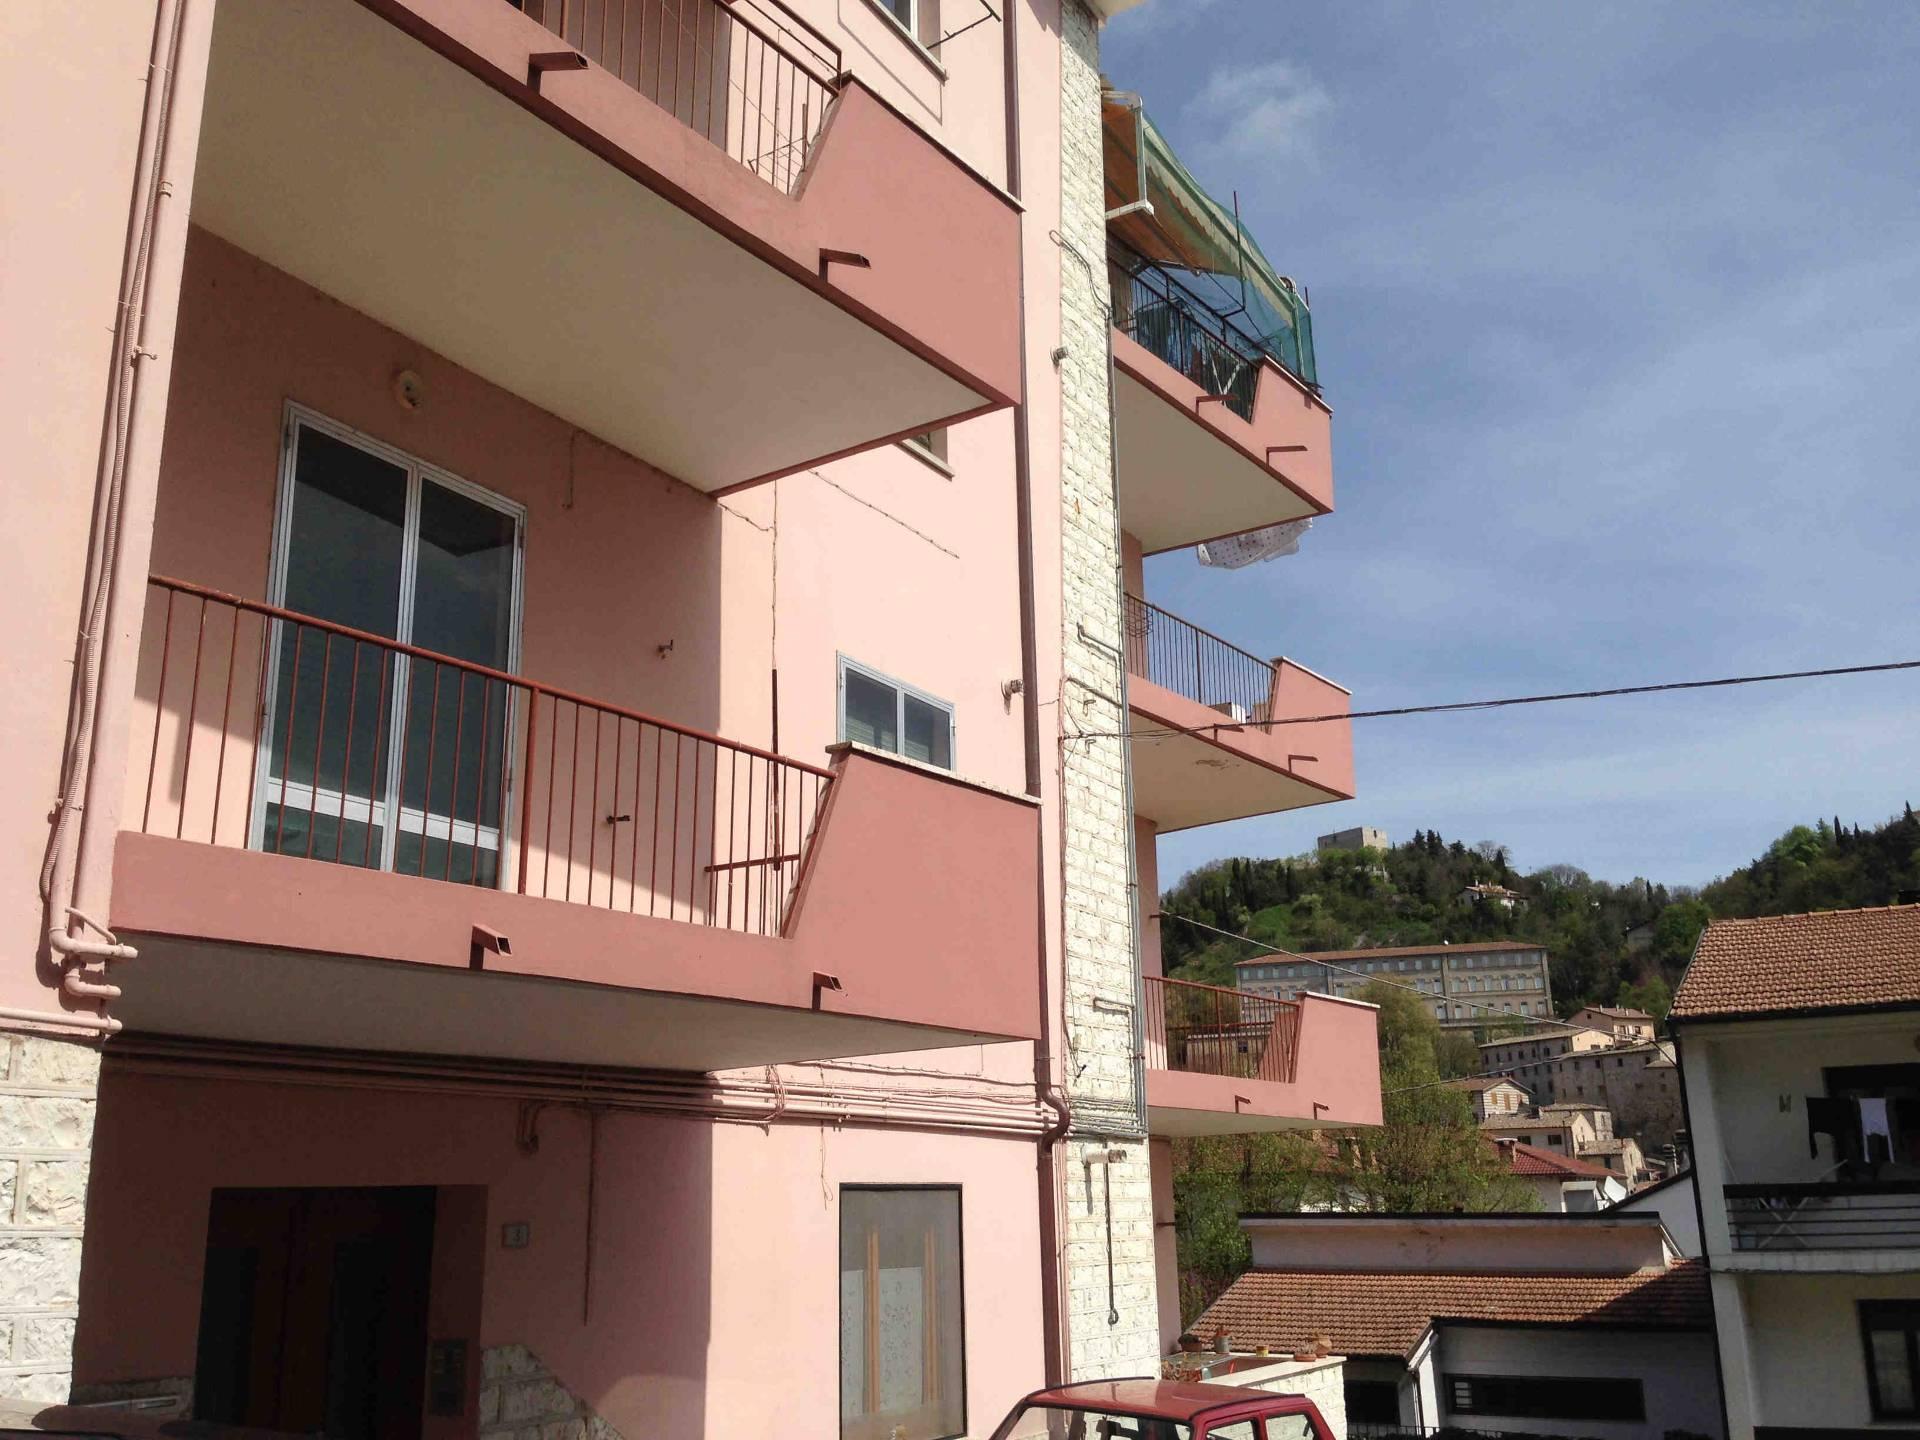 Appartamento in vendita a Sassoferrato, 7 locali, prezzo € 90.000 | Cambio Casa.it